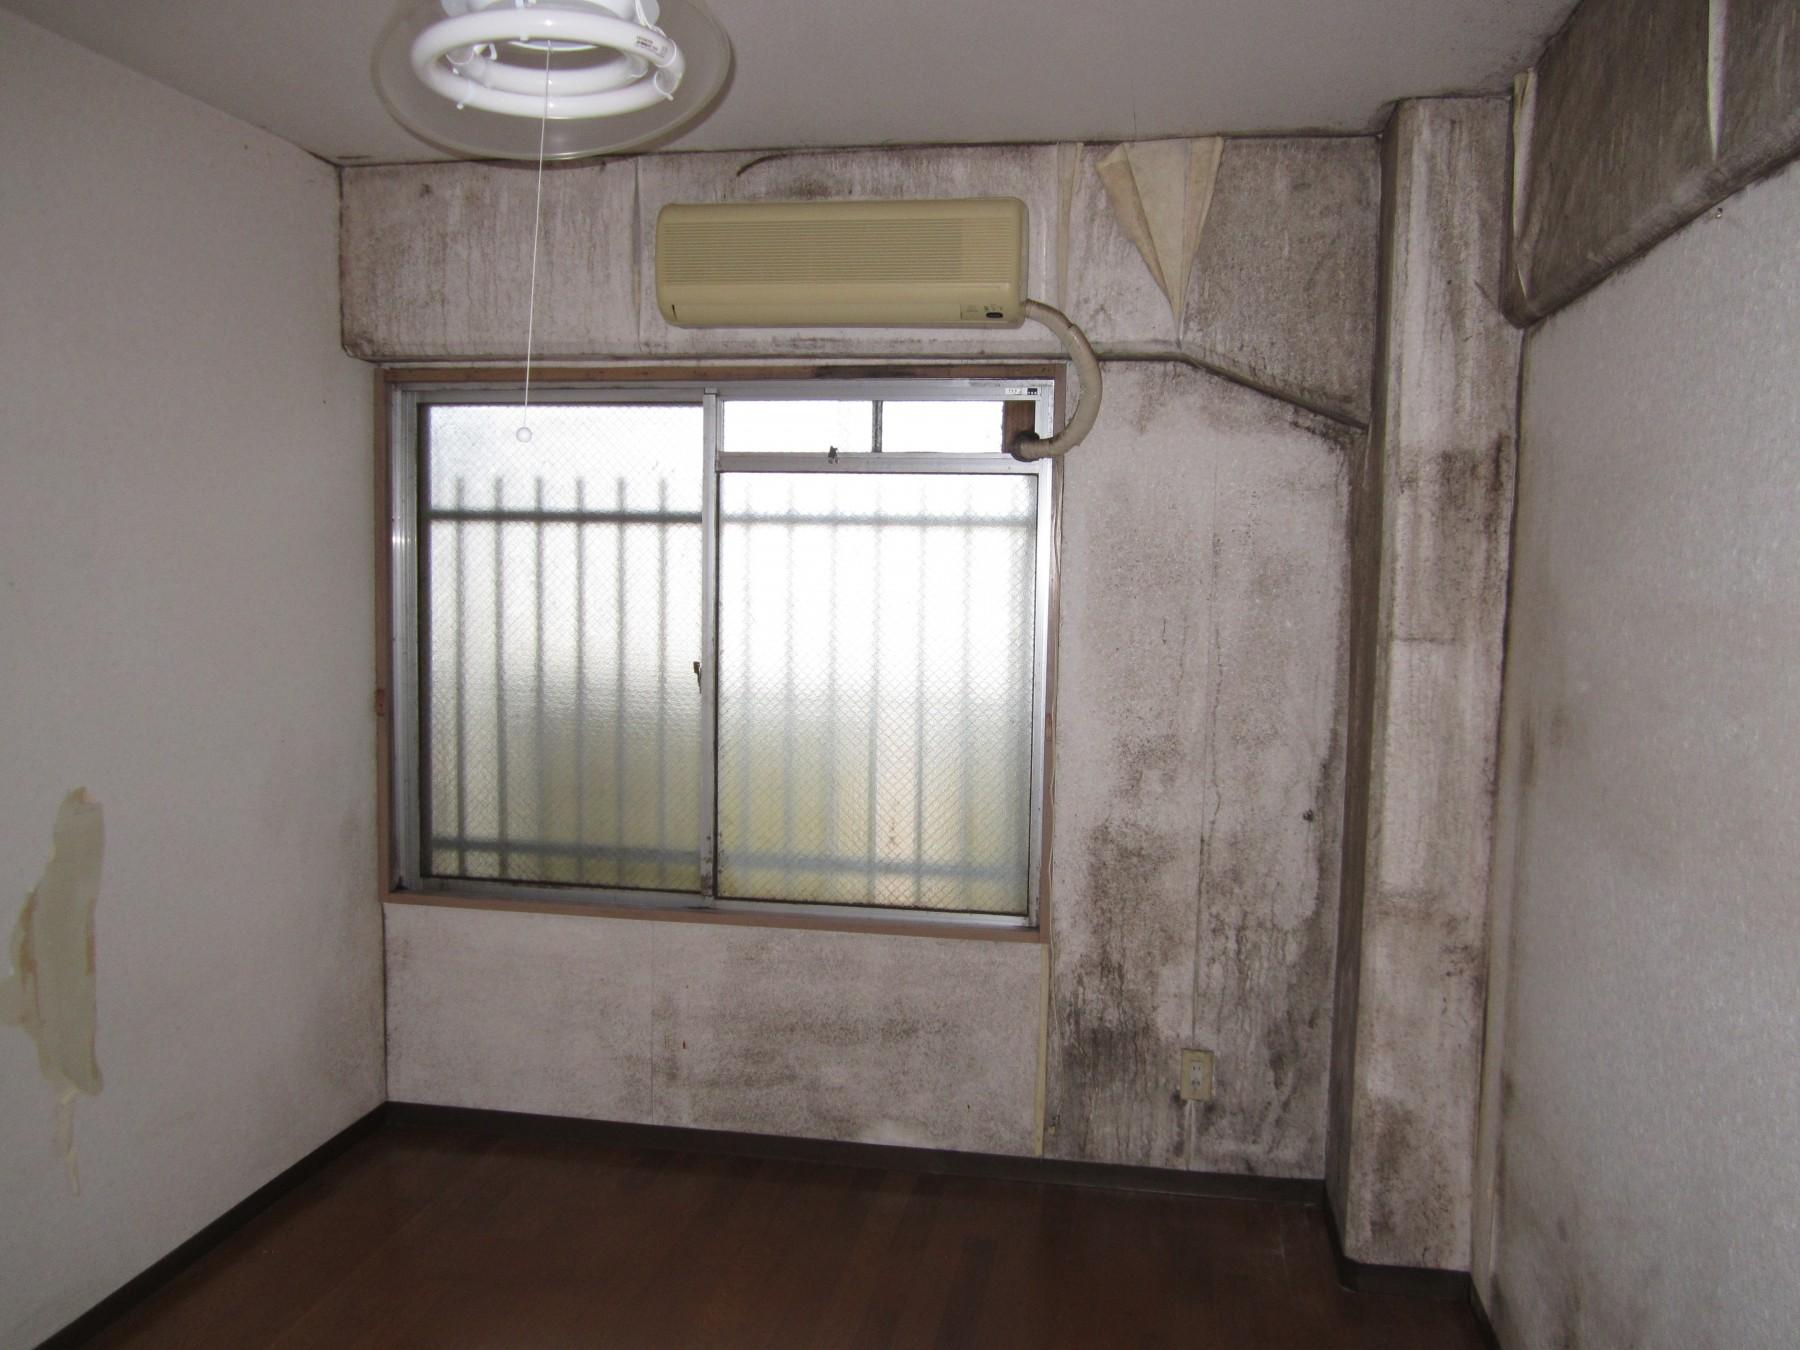 大分市中古マンションH様邸玄関スペースフルリノベーションビフォアー写真